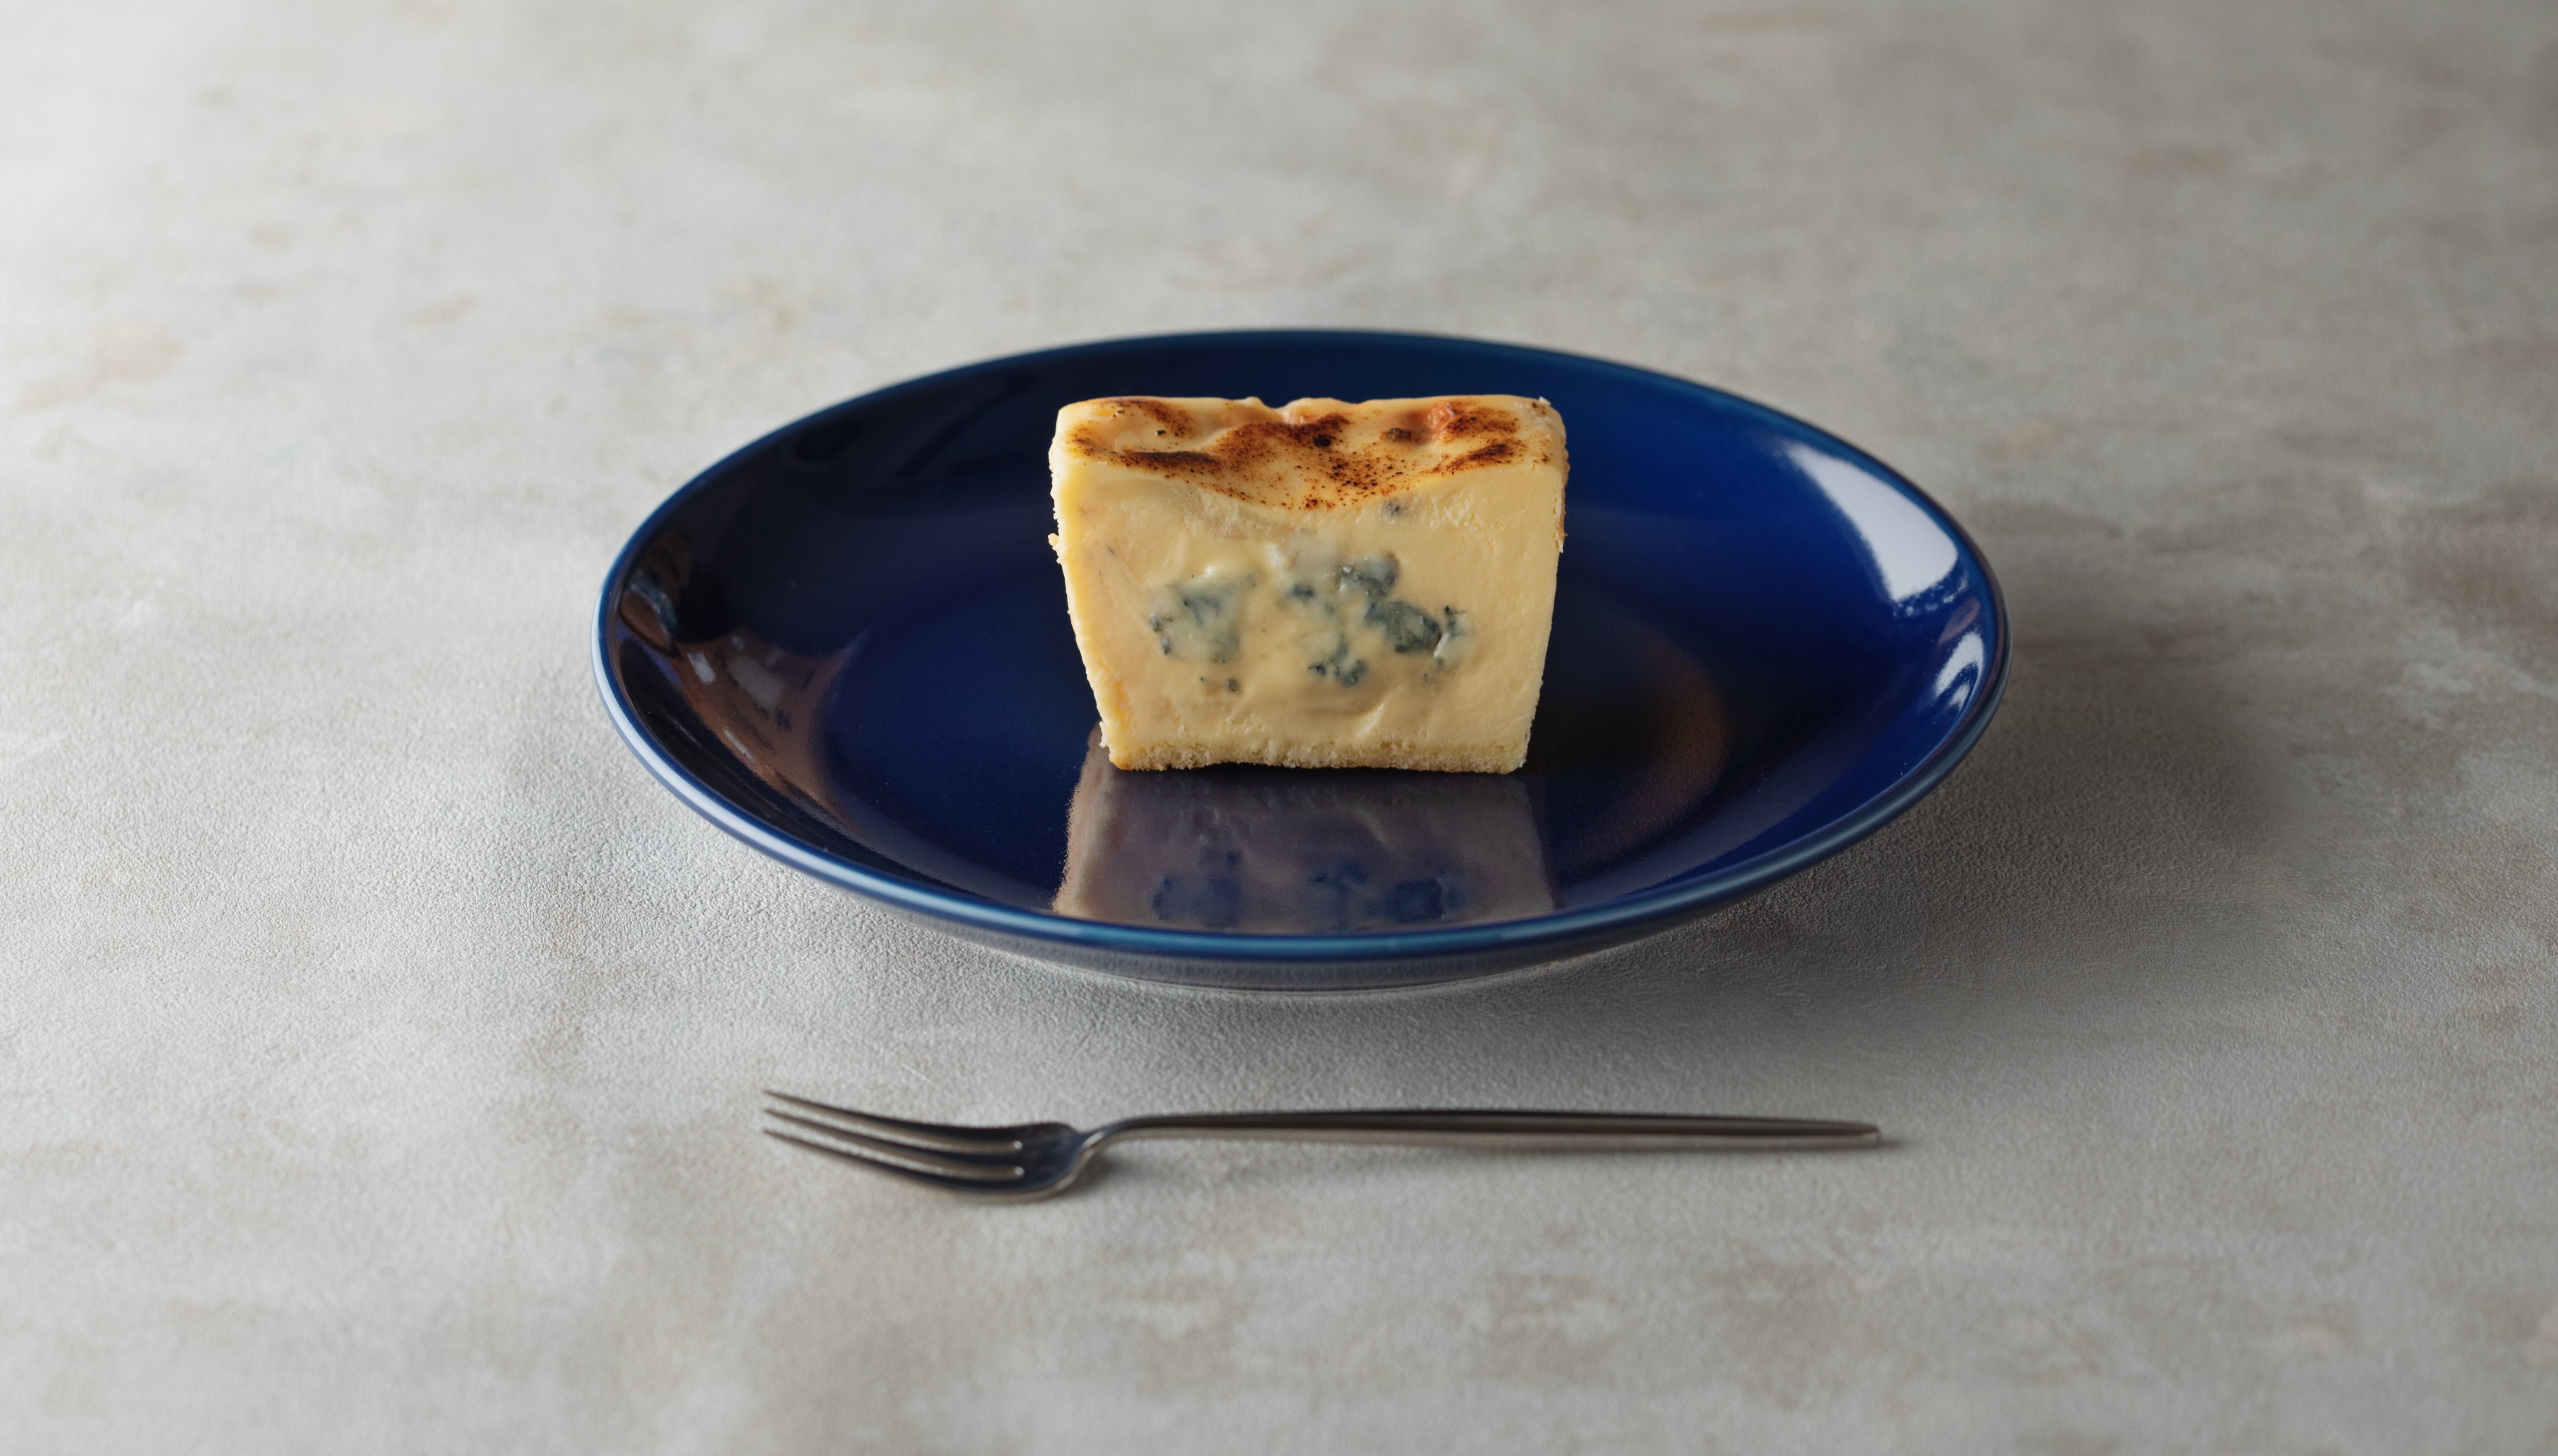 【生ブルーチーズケーキAo】今までにない。濃厚なブルーチーズケーキを。